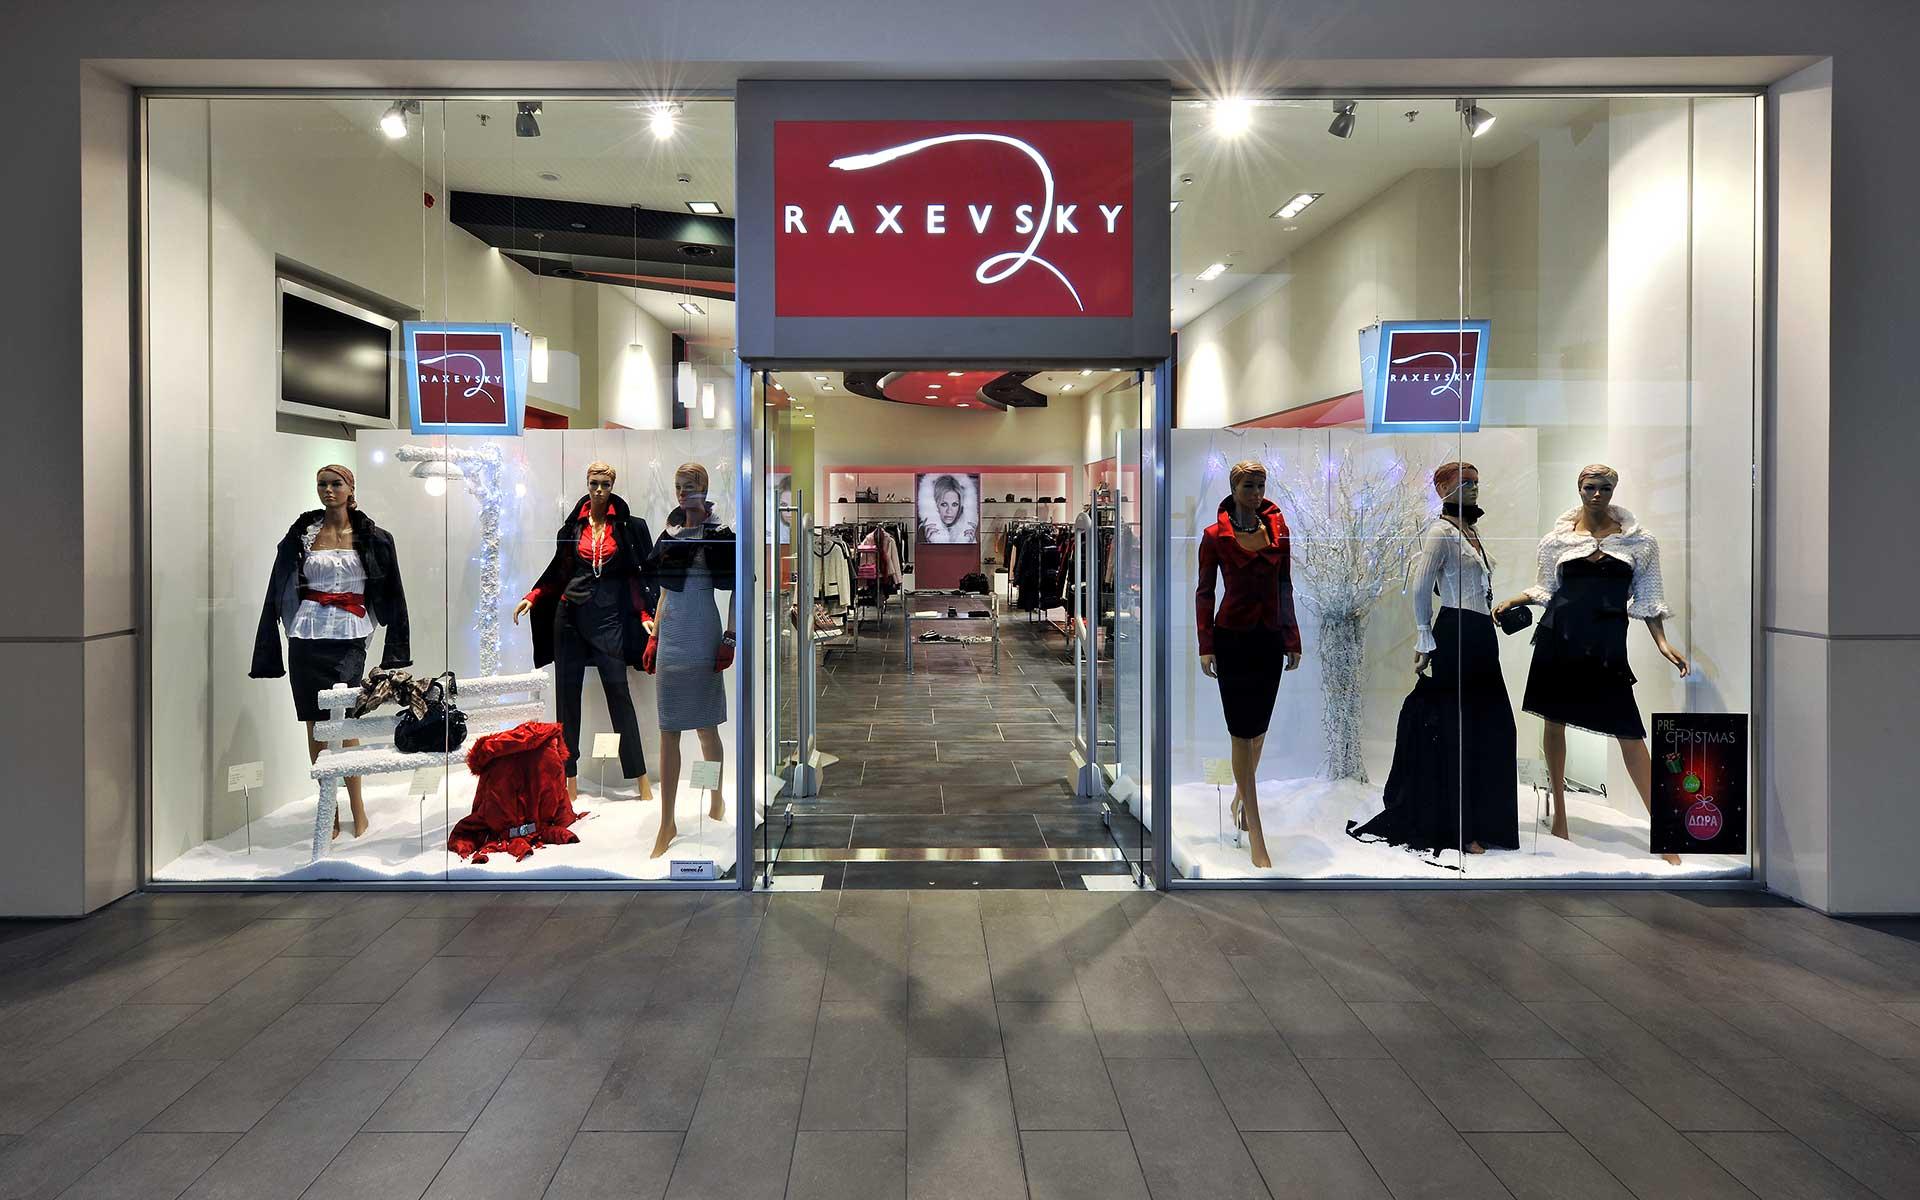 KDICONTRACT-Raxevsky-MetroHall1